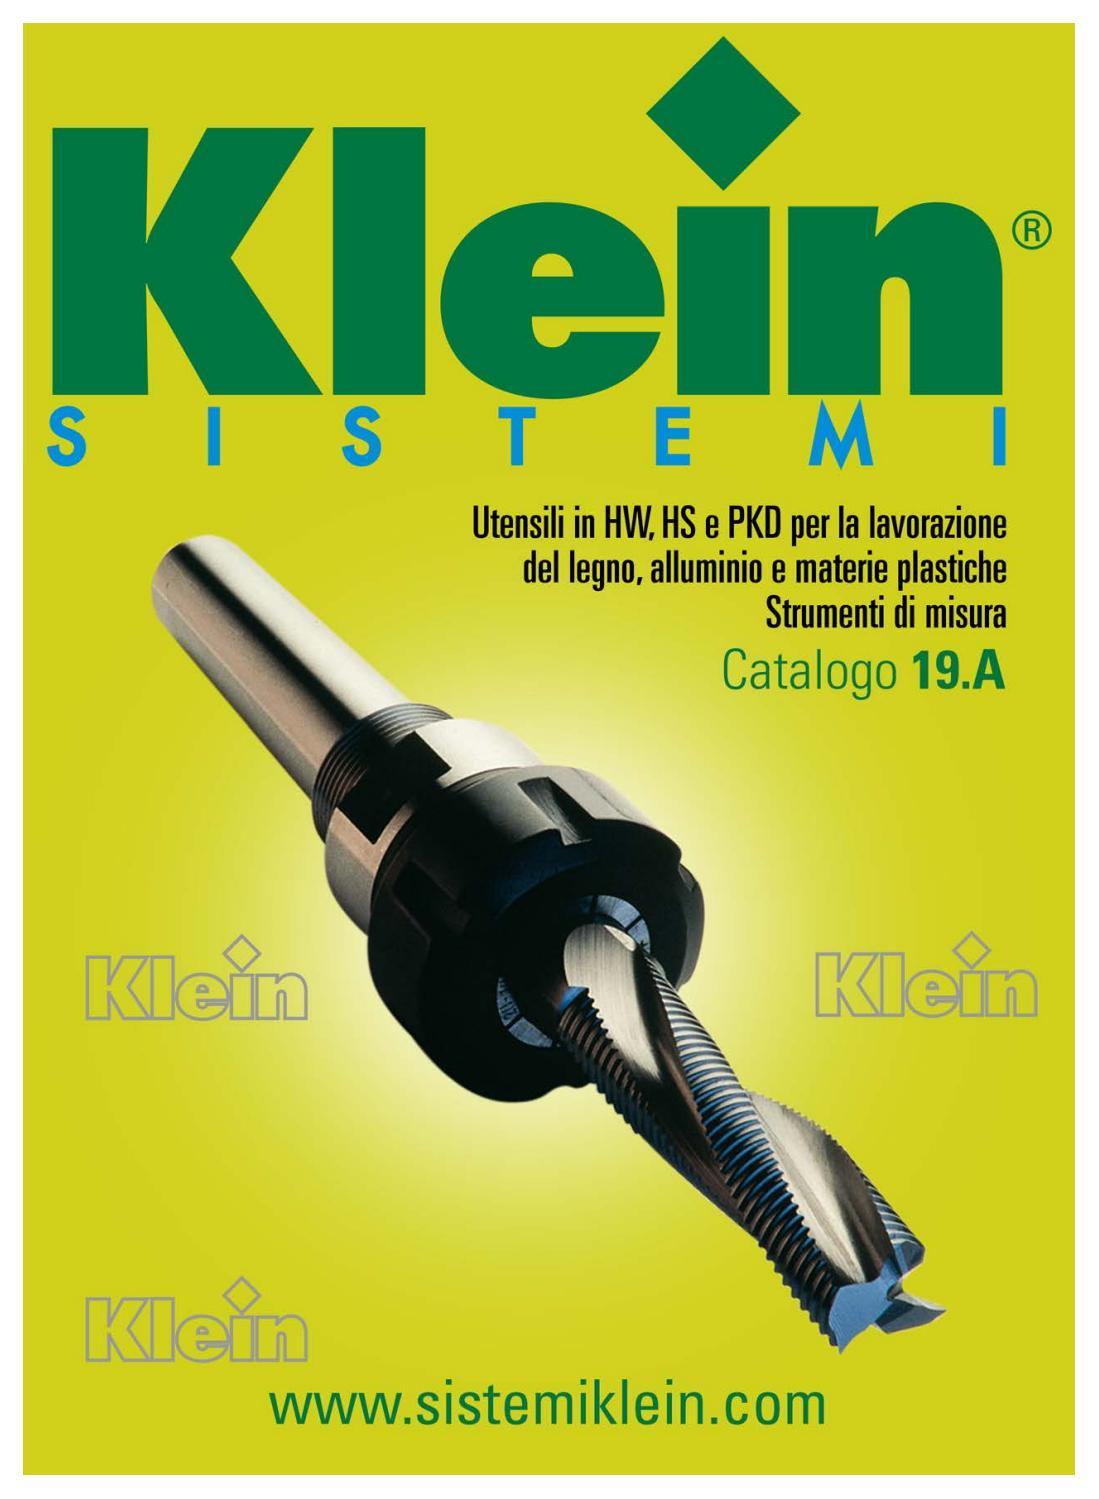 Lama per sega circolare per alluminio o plastica /Ø 350 mm//100 denti Sega circolare manuale HM metallo duro per alluminio o profilo in plastica